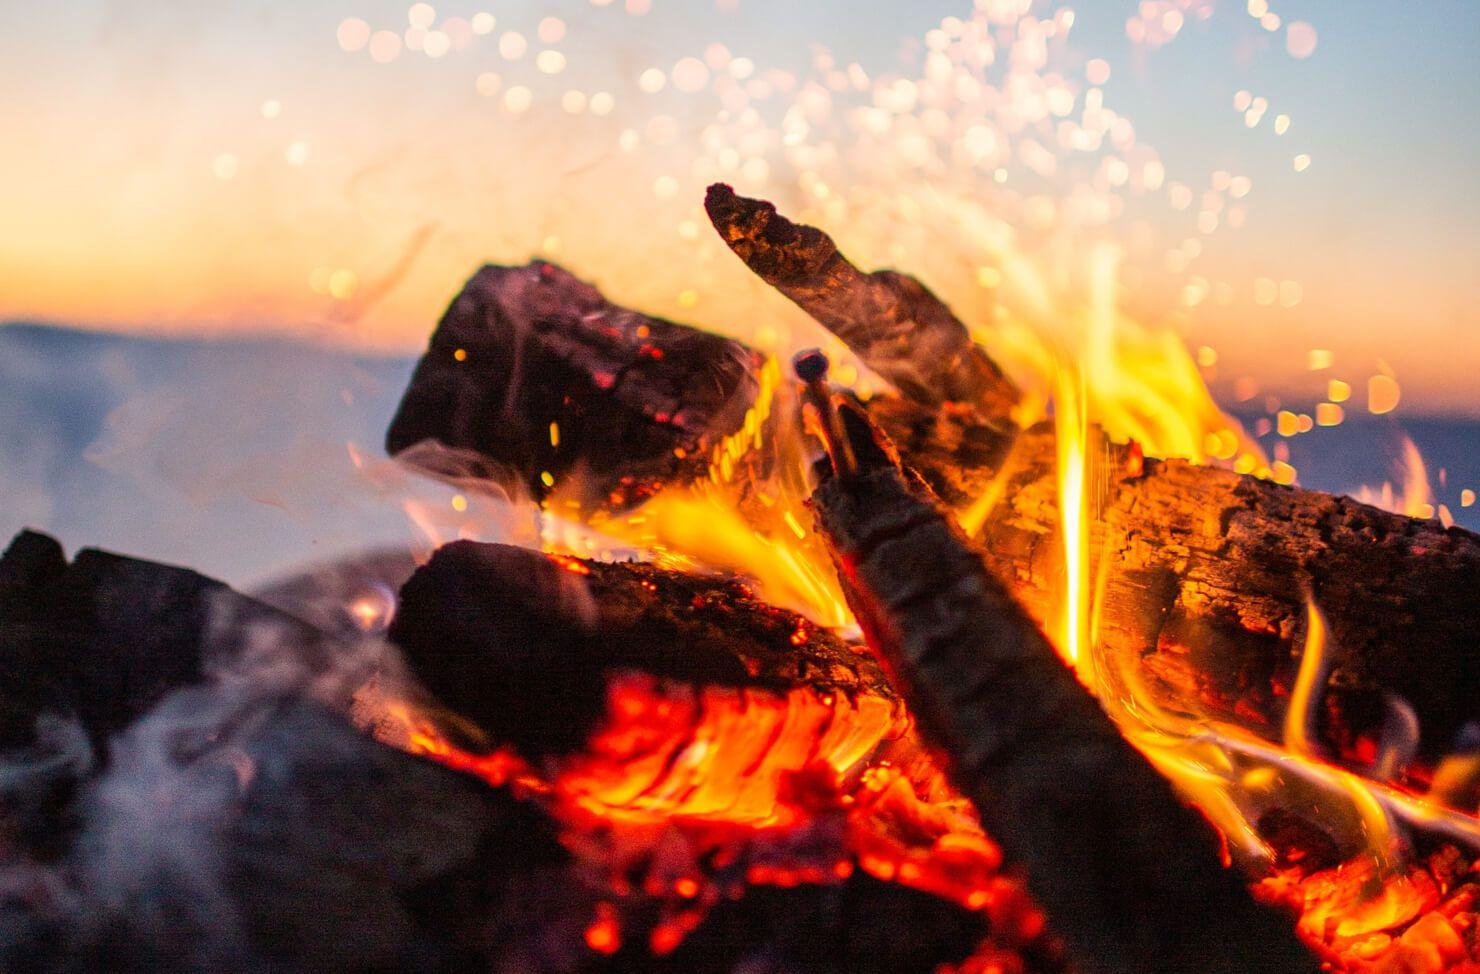 hazardous waste fire extinguisher